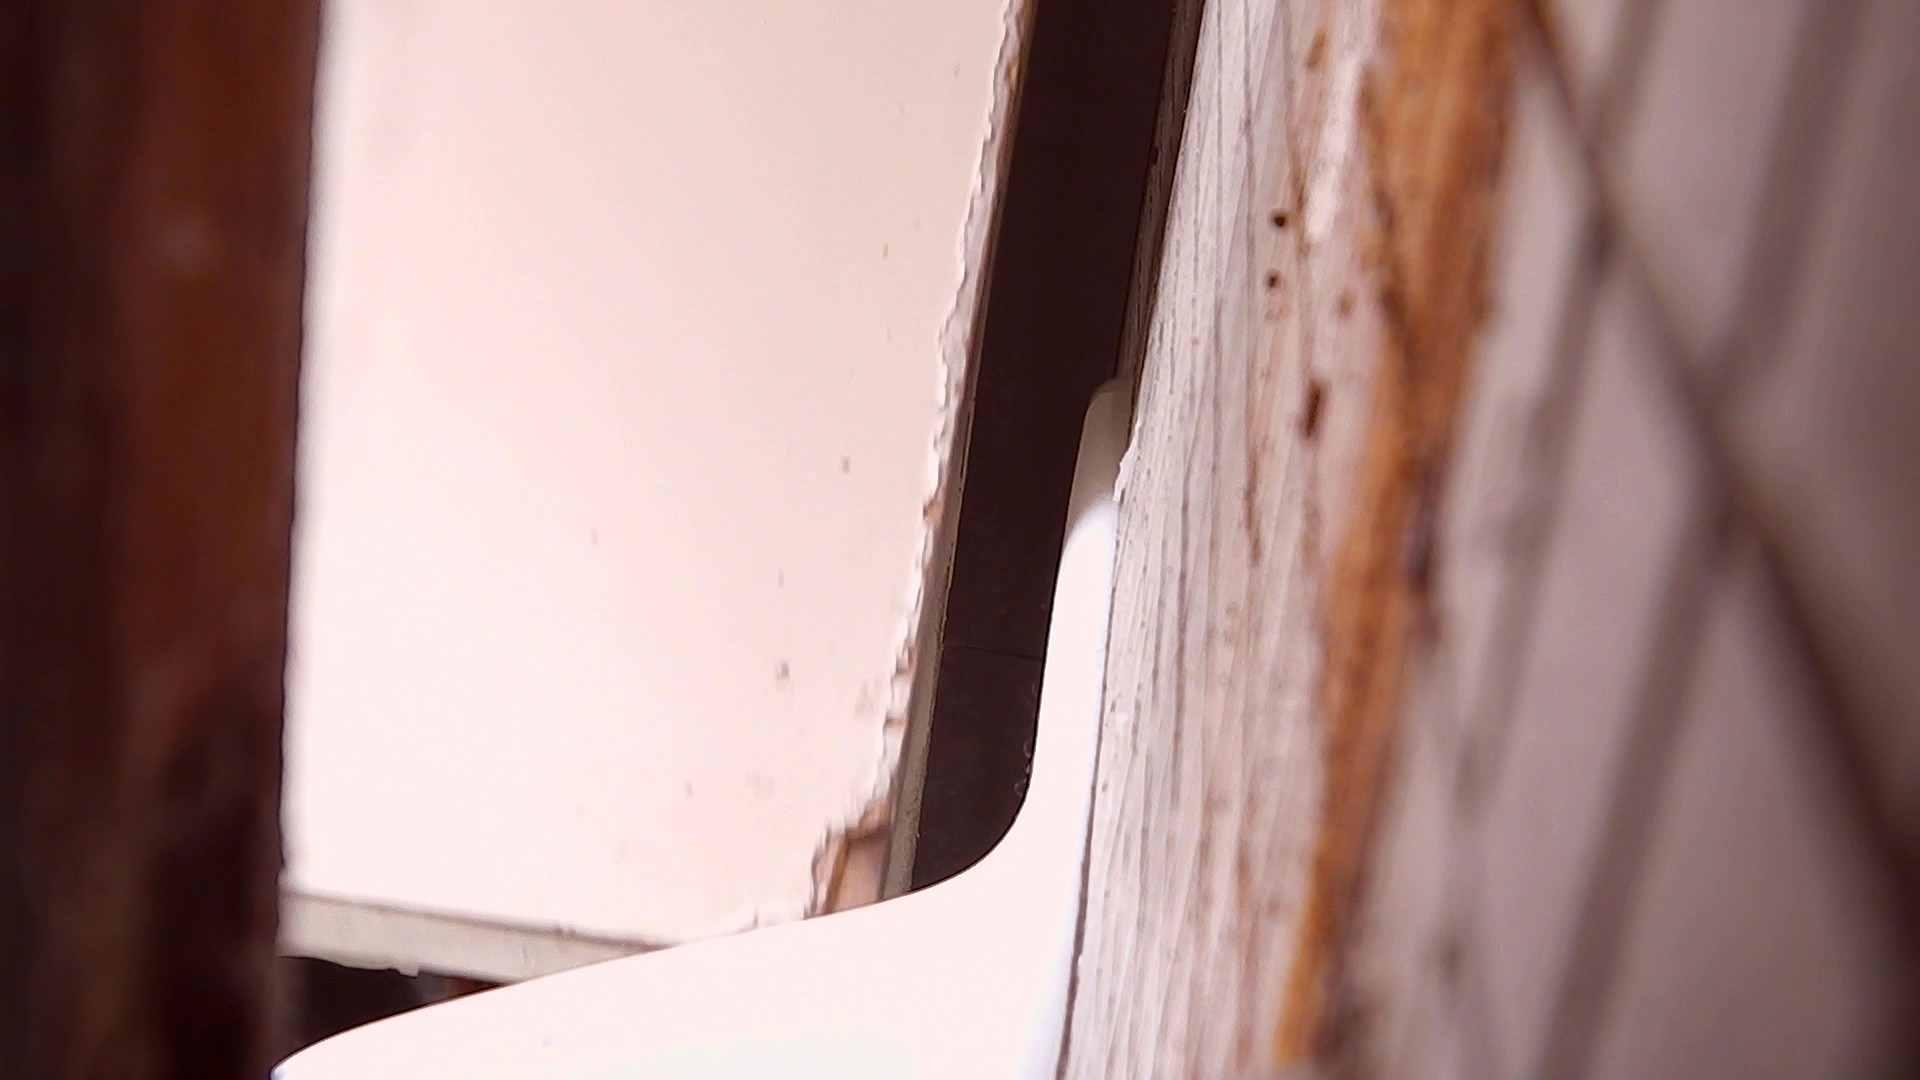 高画質至近映像和式の隙間 Vol.01 和式 オマンコ動画キャプチャ 104枚 65